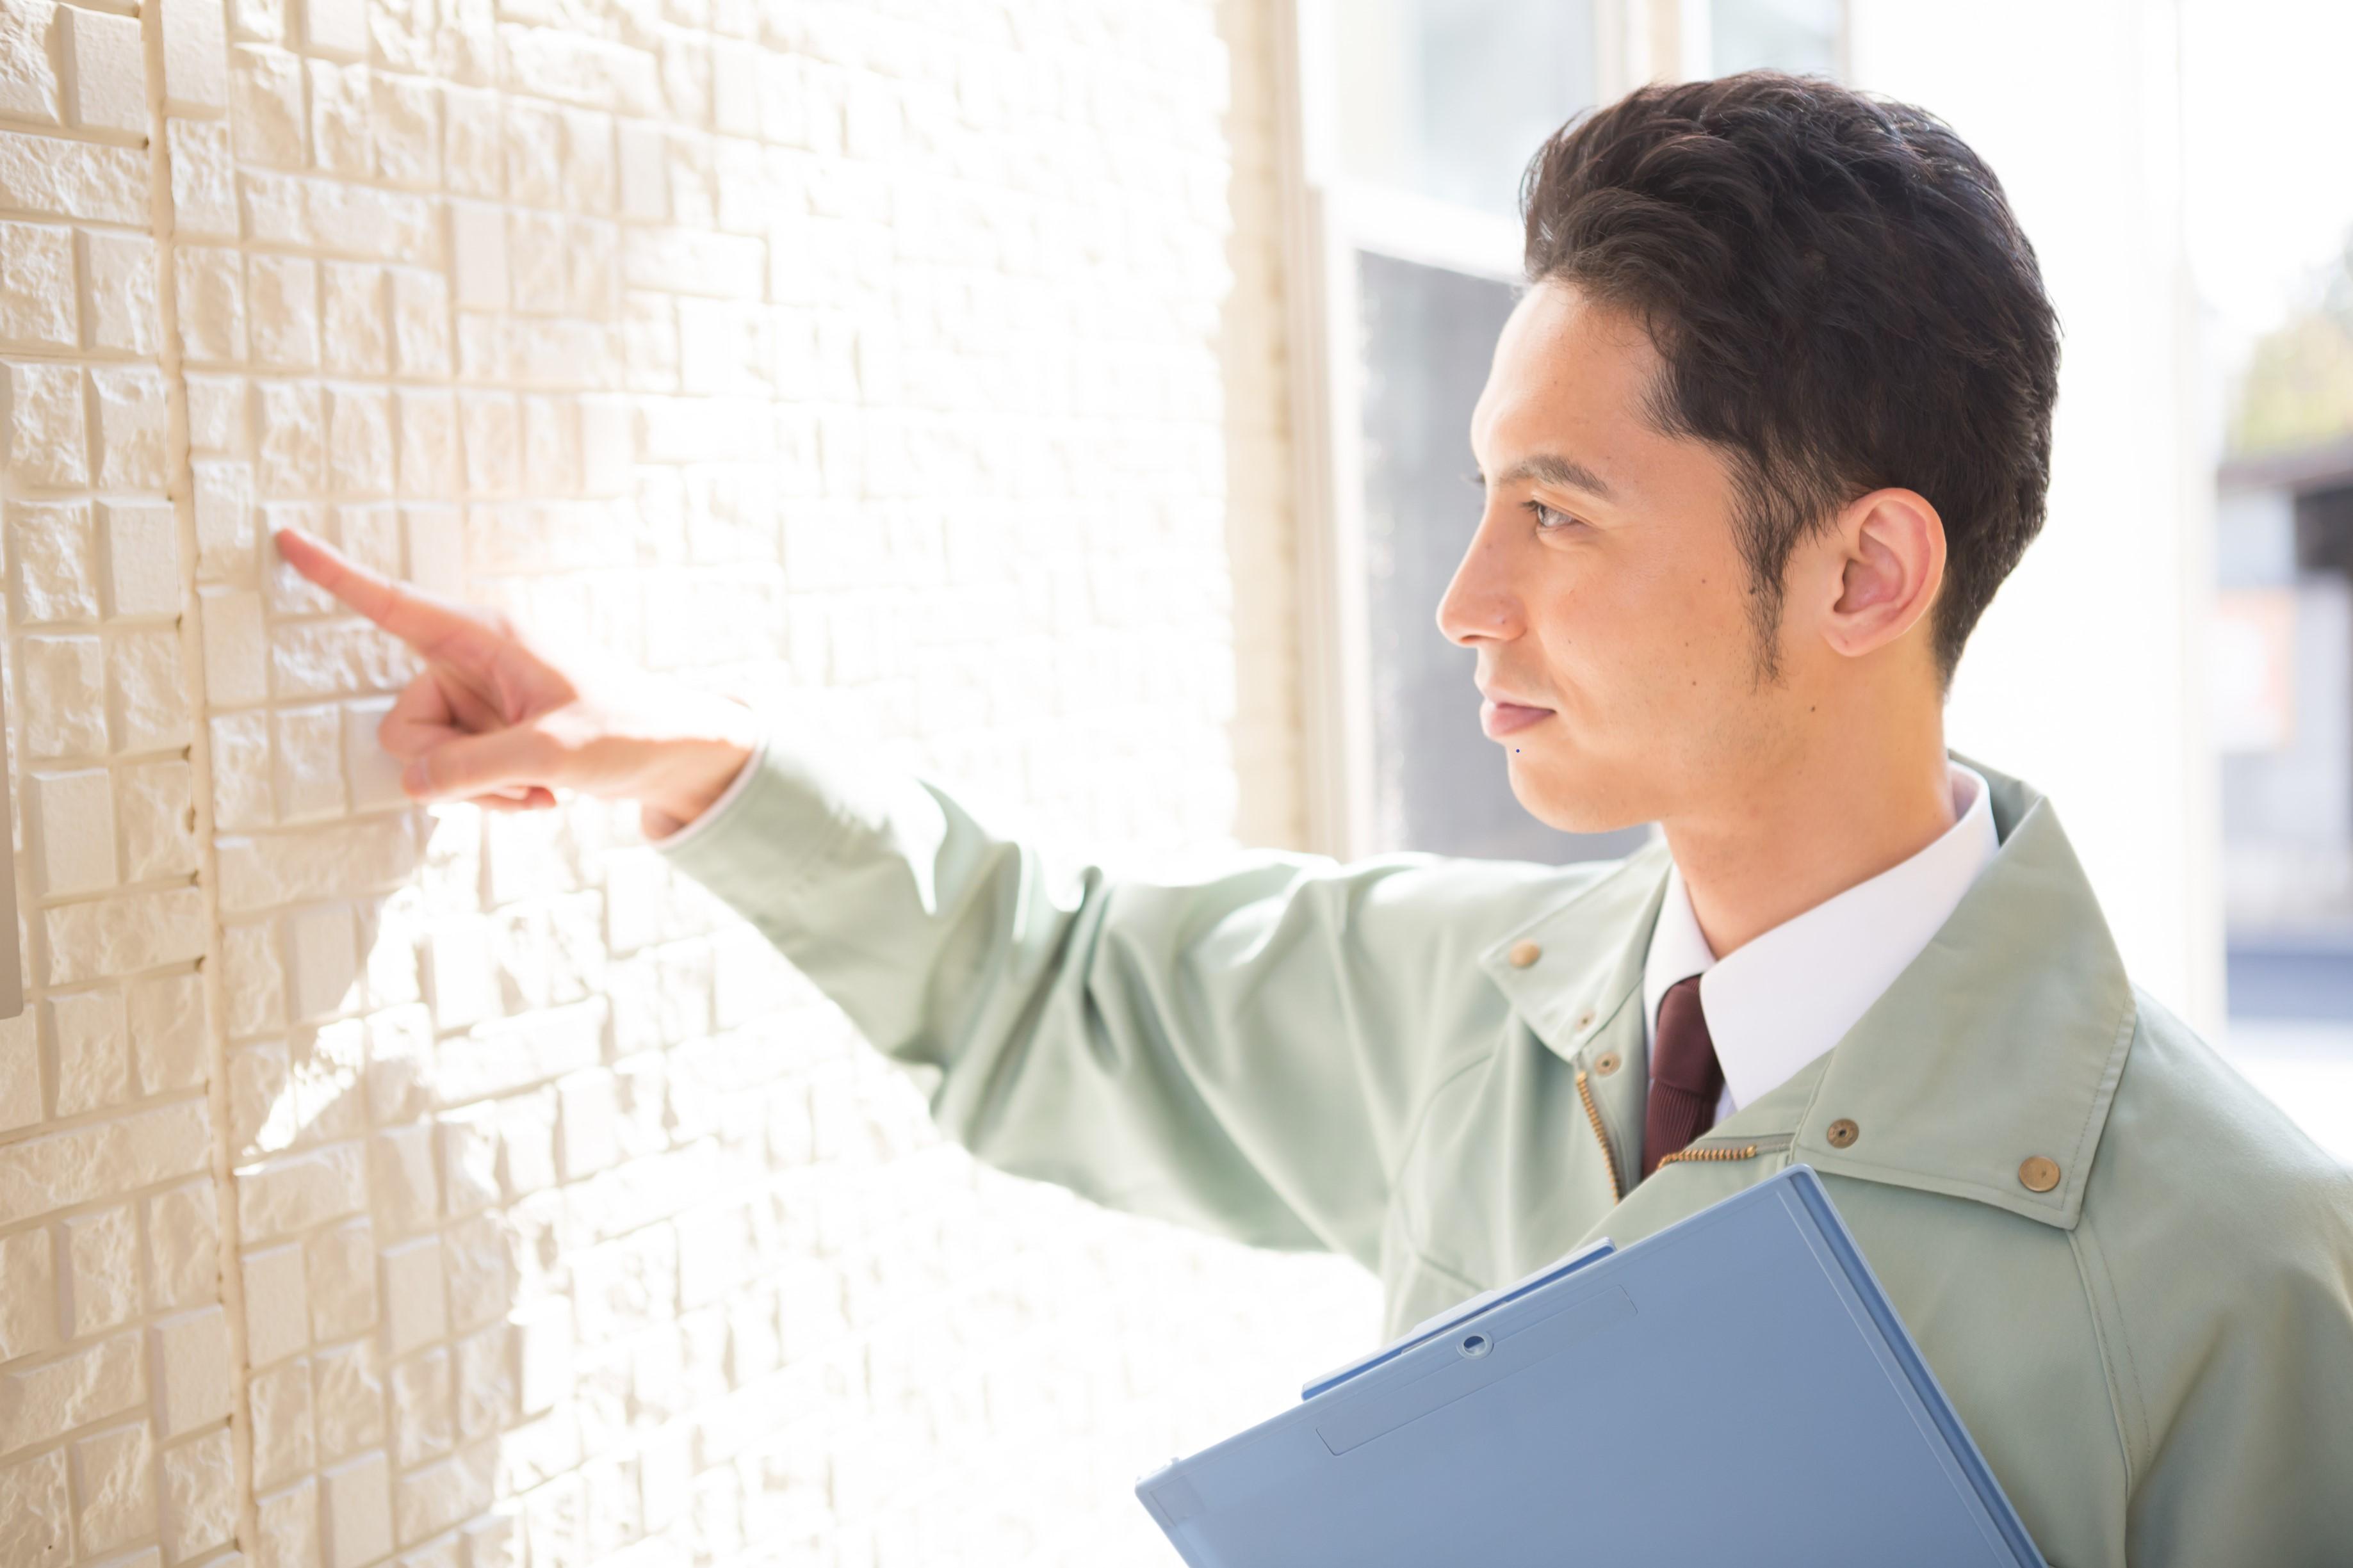 キッチン工事で外壁がつぎはぎに!?お得にキレイな外壁を維持するリフォームのタイミングとは